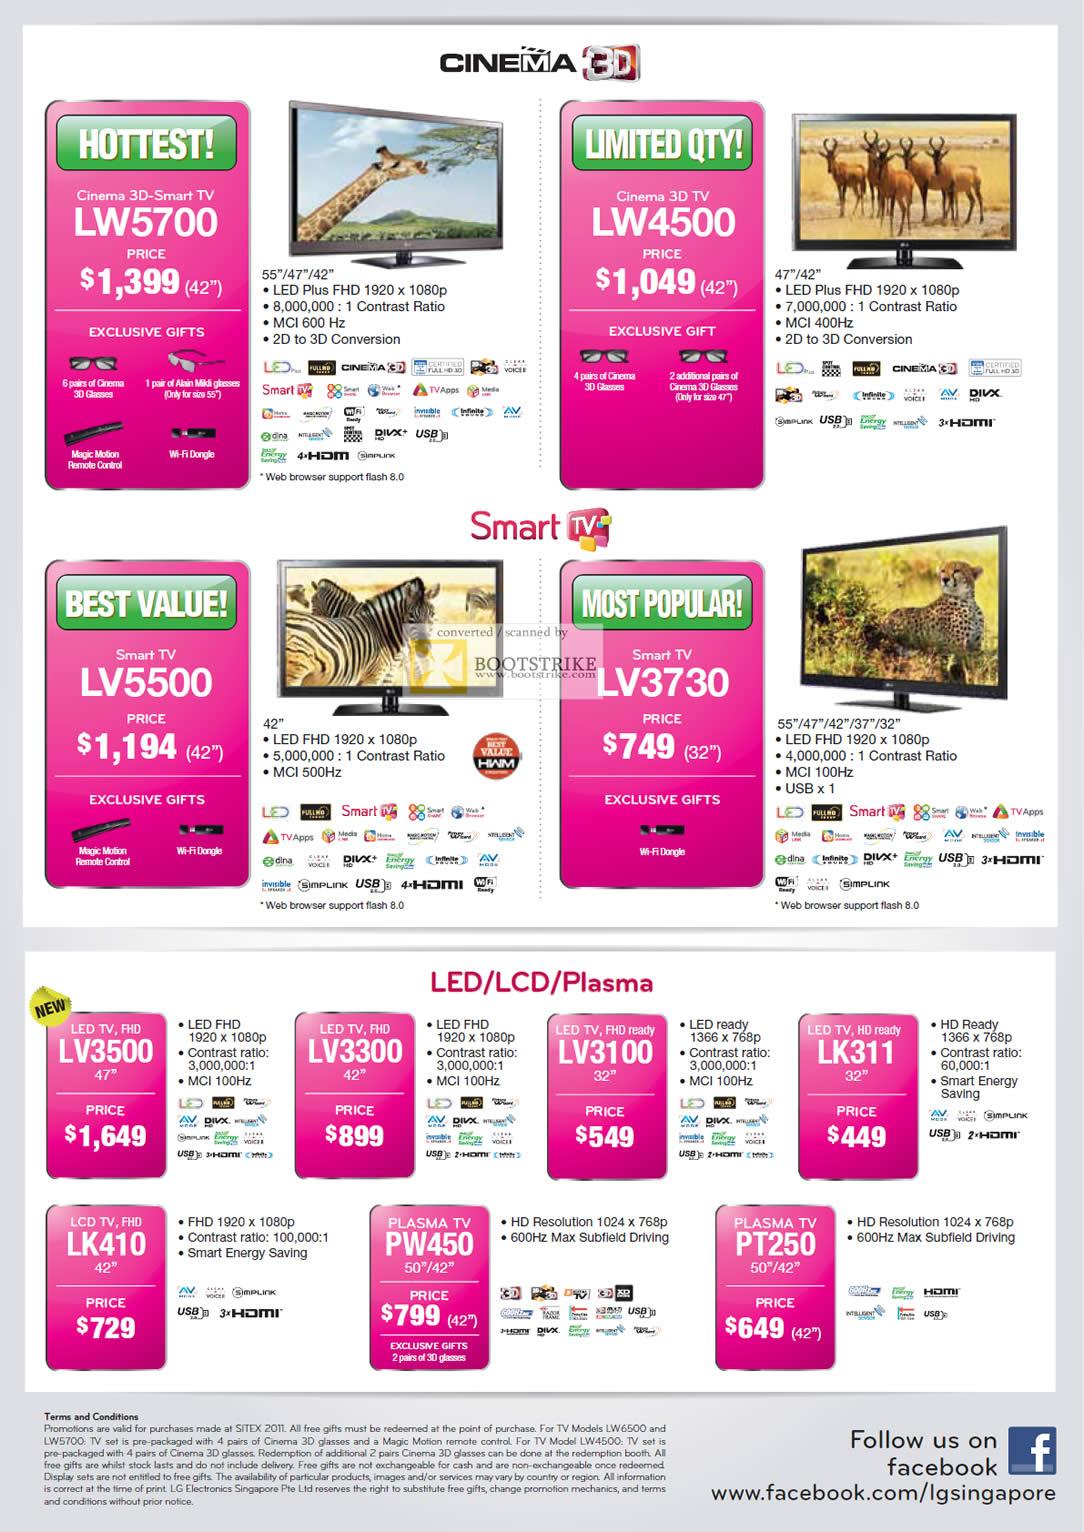 SITEX 2011 price list image brochure of LG TV LW5700, LW4500, LV5500, LV3730, LED LCD Plasma LV3500, LK410, LV3300, PW450, LV3100, LK311, PT250